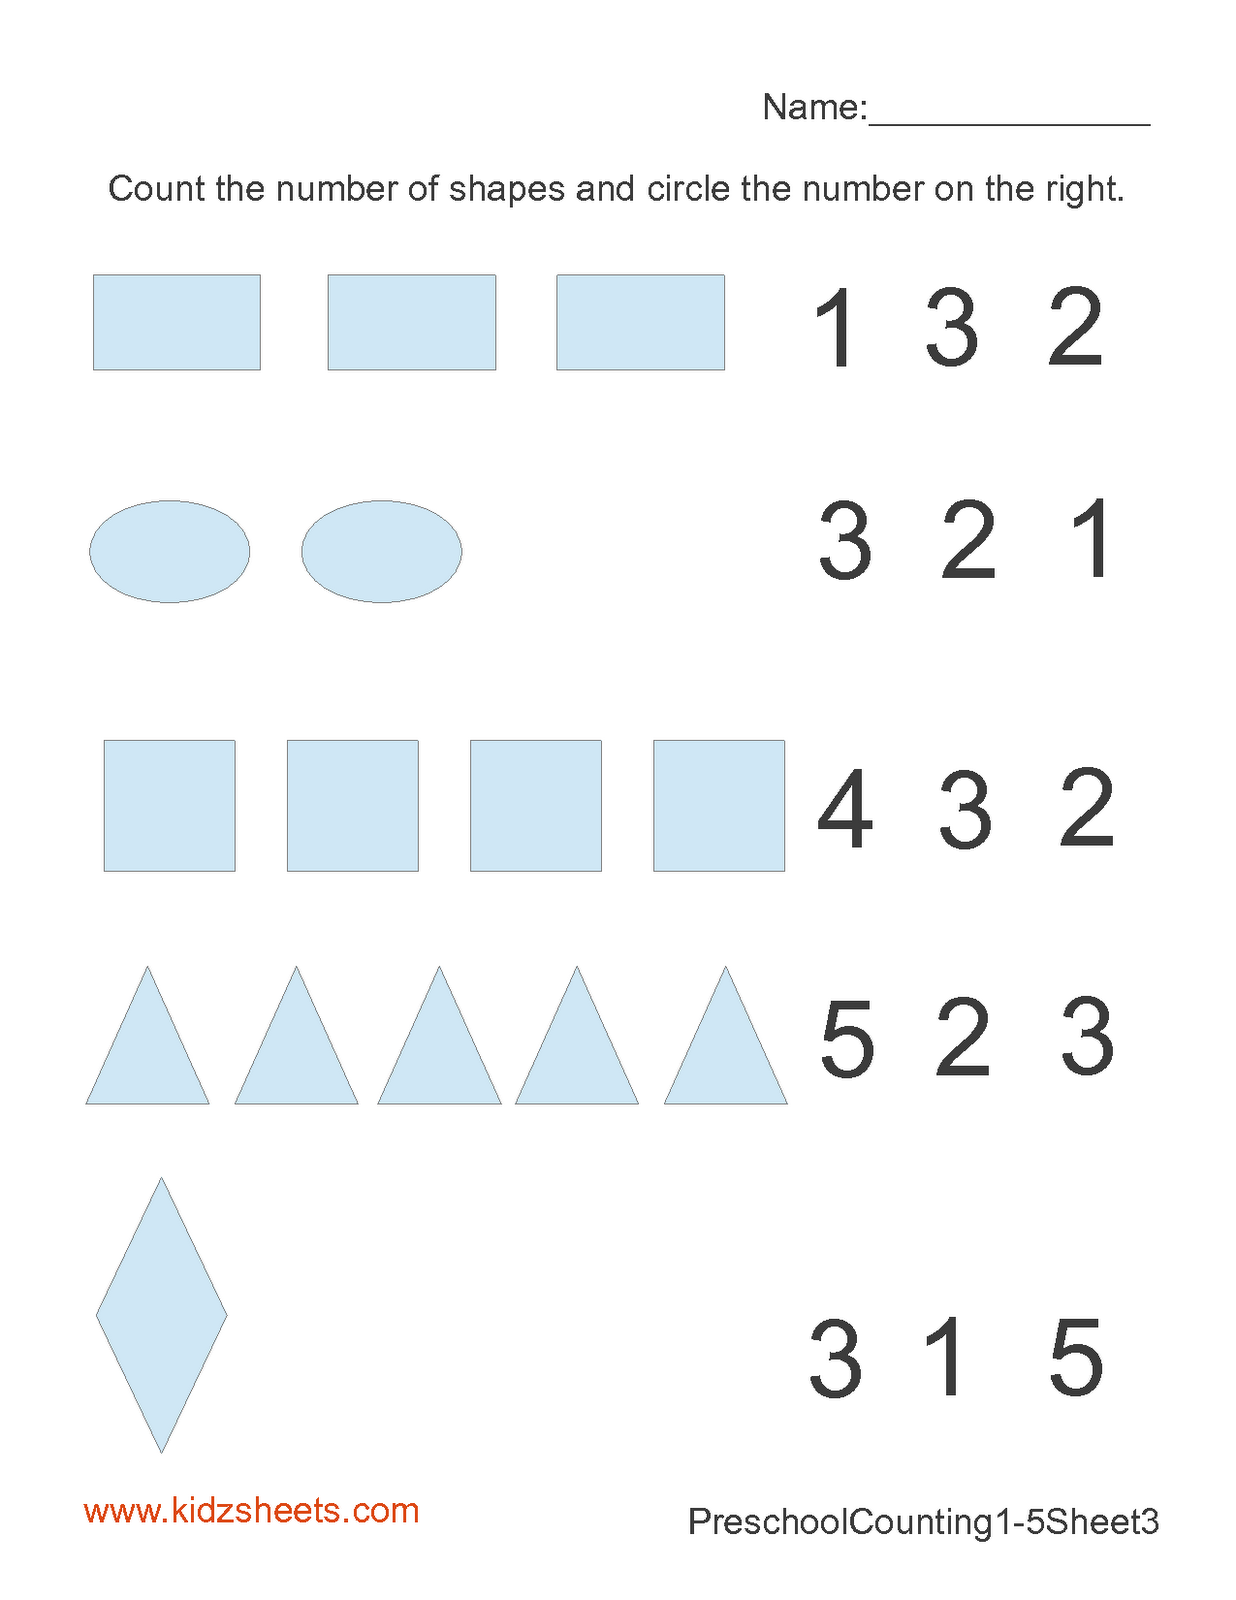 medium resolution of Kidz Worksheets: Preschool Counting Numbers Worksheet3